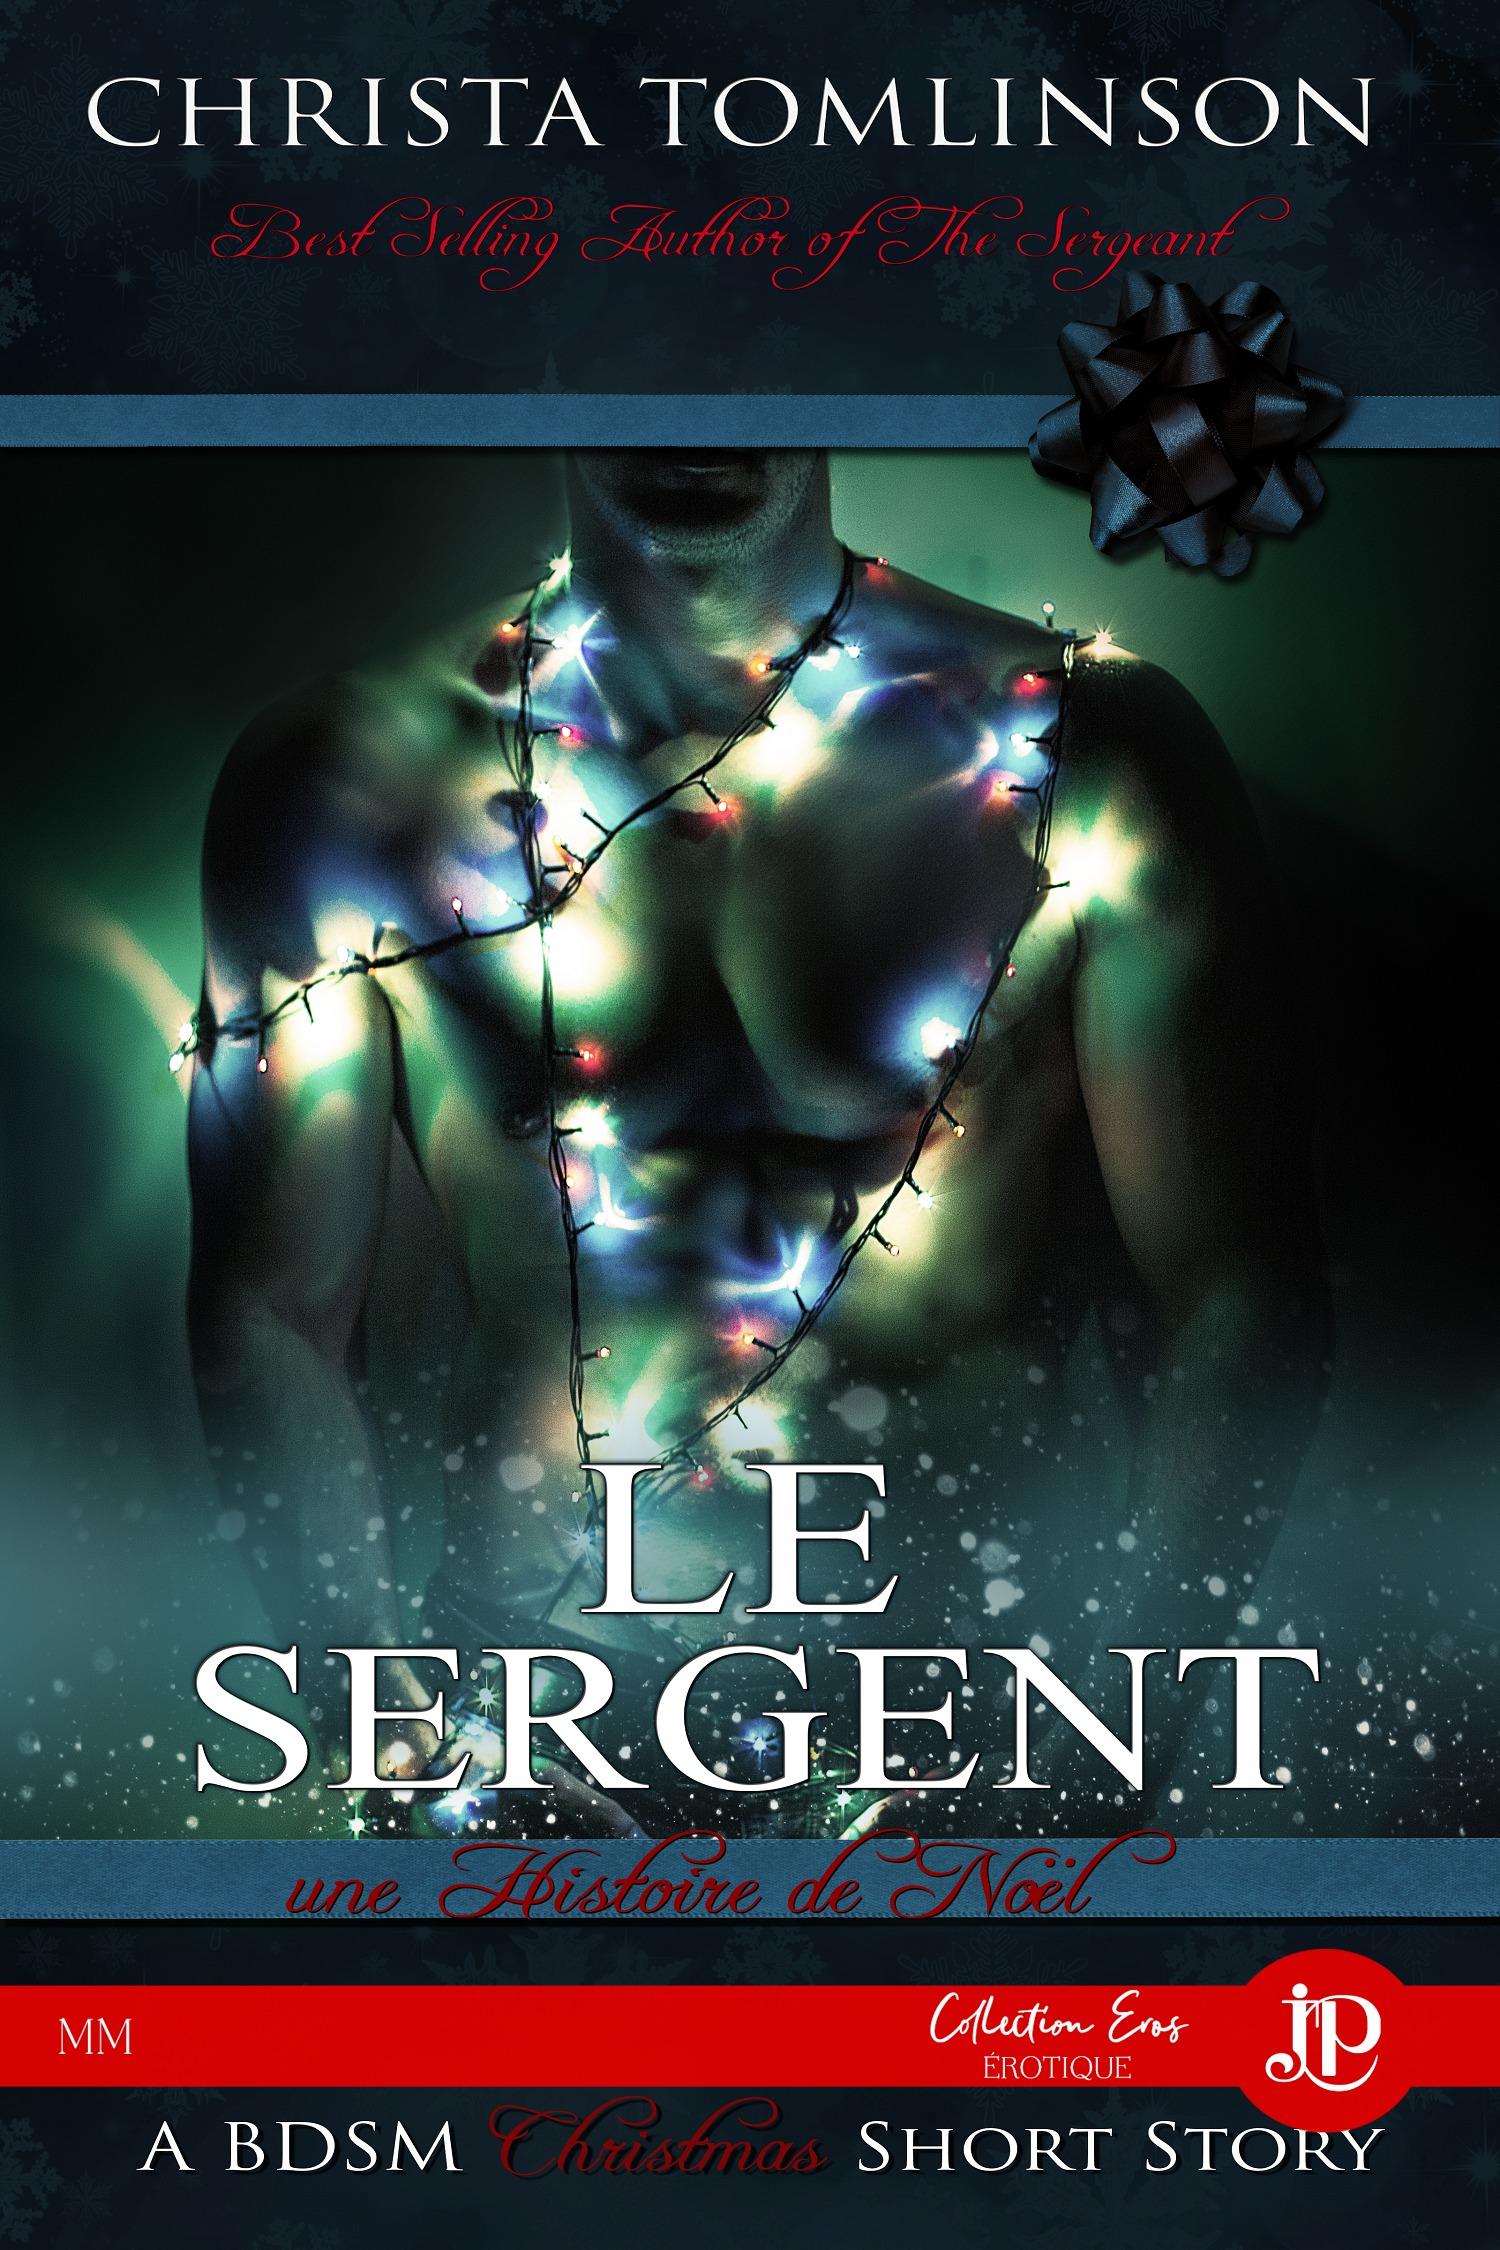 Le Sergent, UNE HISTOIRE DE NOËL